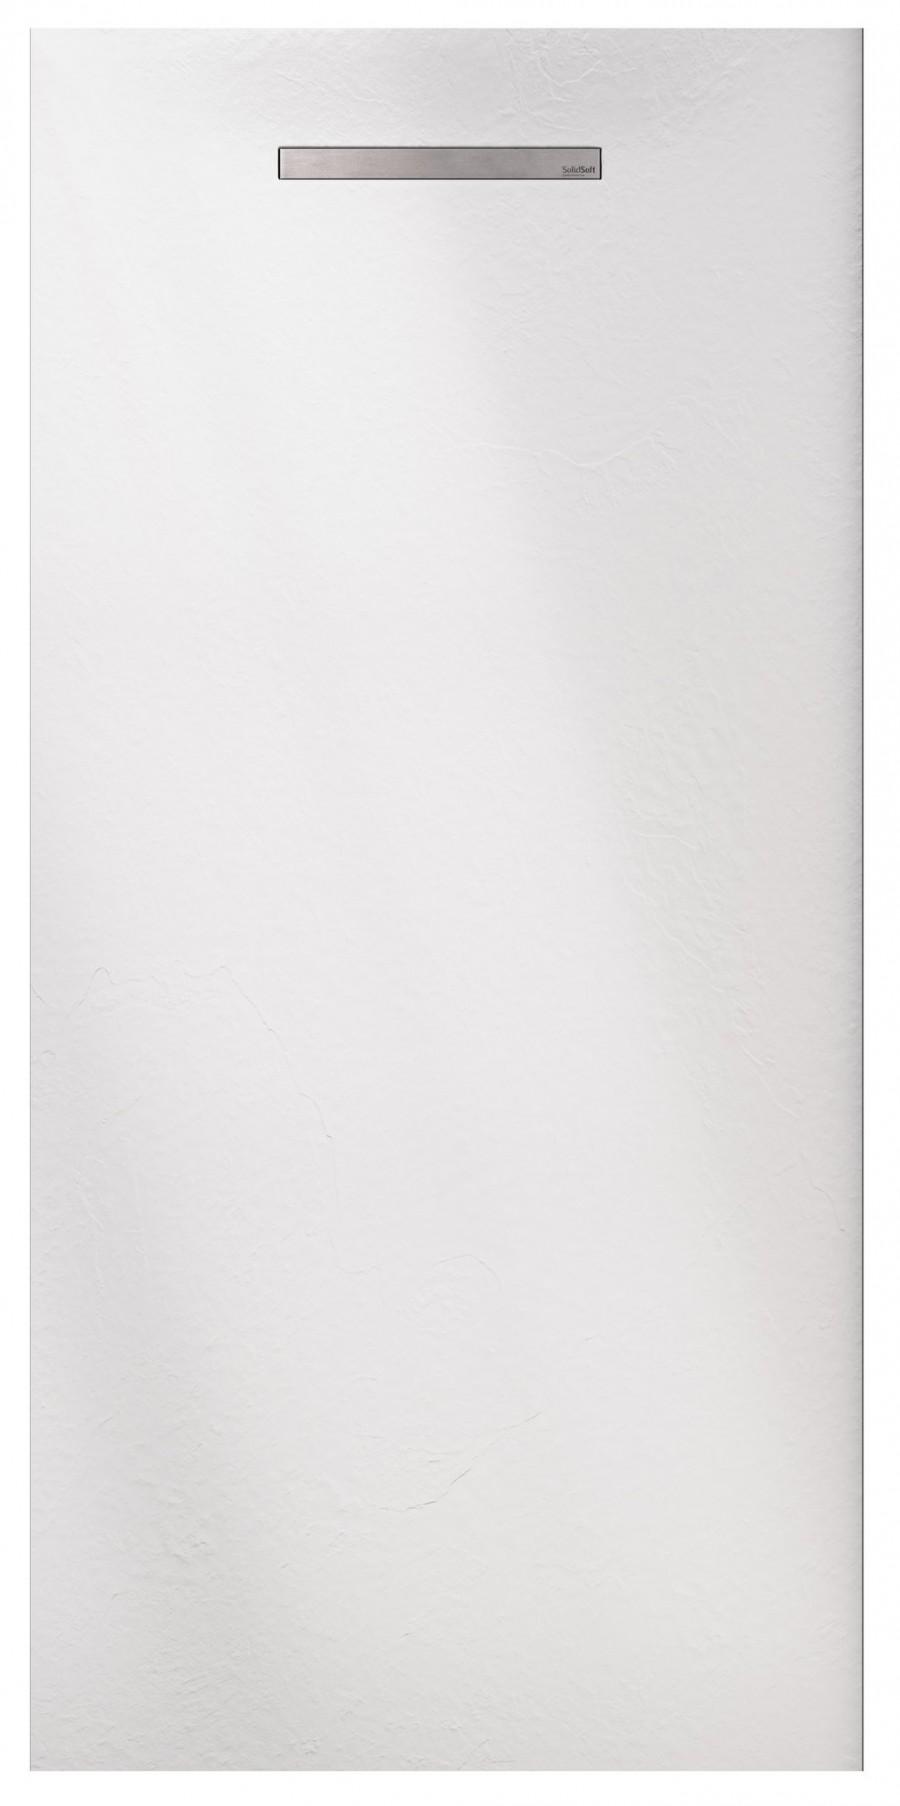 Receveur de douche souple SolidSoft LINEAR DRAIN Blanc 90x120 cm